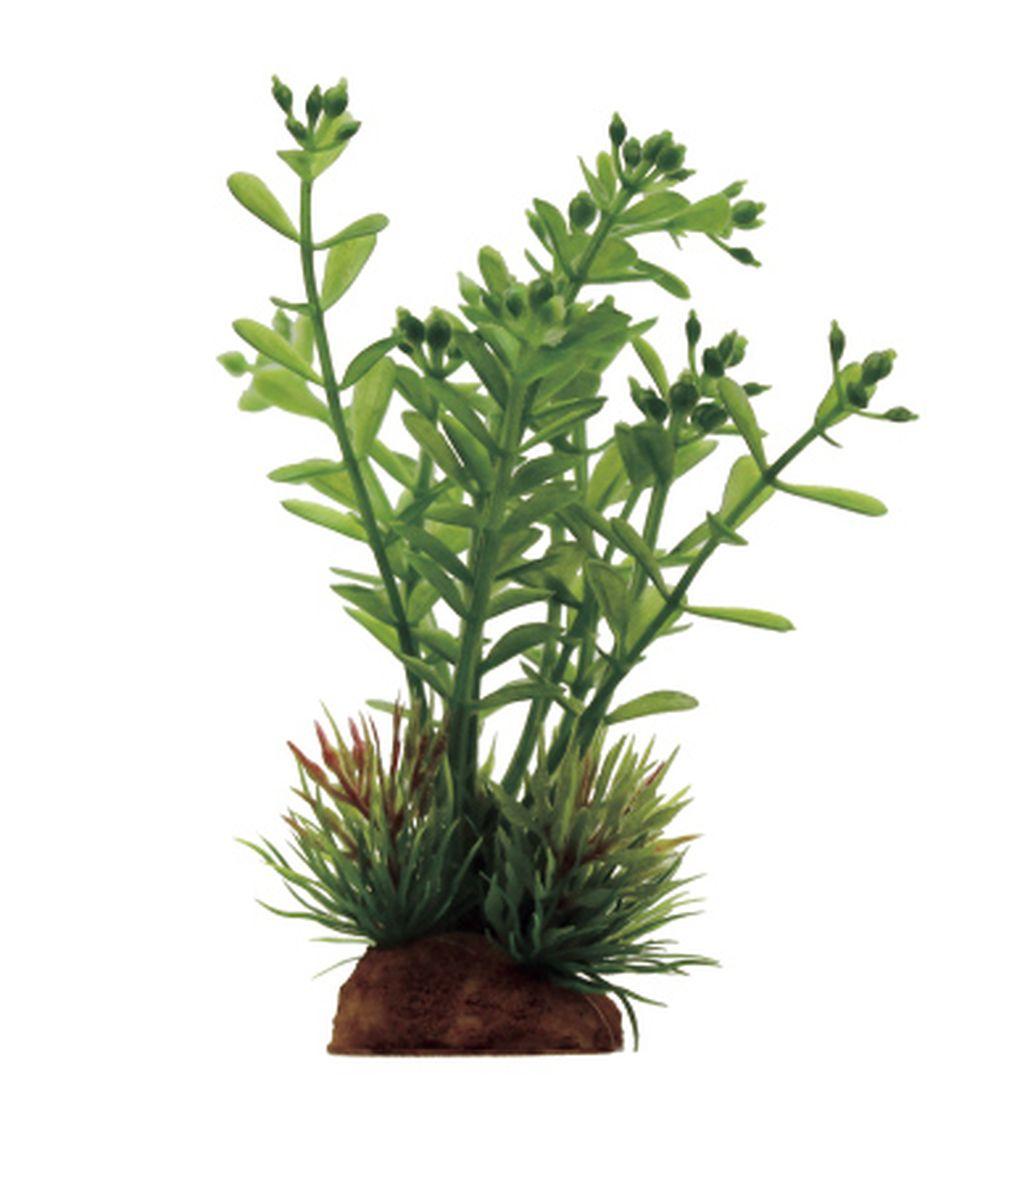 Композиция из растений для аквариума ArtUniq Ротала, 8 x 7 x 14 смART-1130914Композиция из искусственных растений ArtUniq превосходно украсит и оживит аквариум.Растения - это важная часть любой композиции, они помогут вдохнуть жизнь в ландшафт любого аквариума или террариума. Композиция является точной копией природного растения.